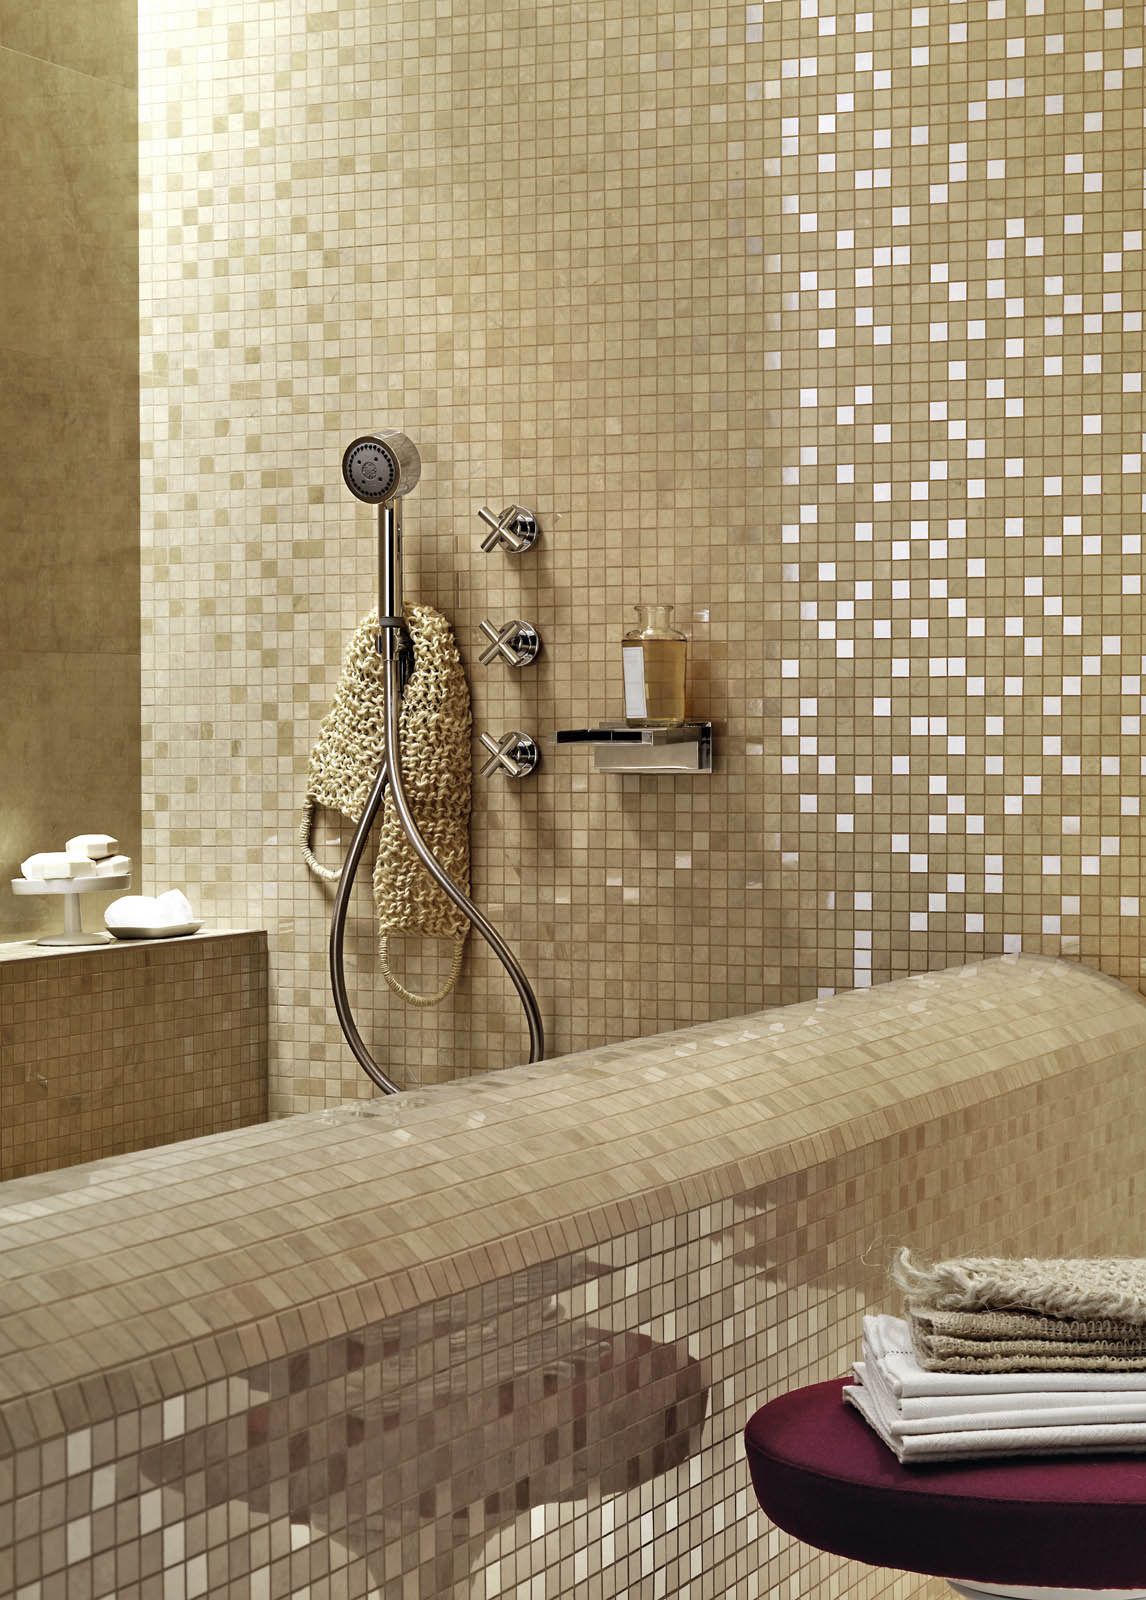 Piastrelle a mosaico per bagno e altri ambienti marazzi - Ceramiche per bagno marazzi ...